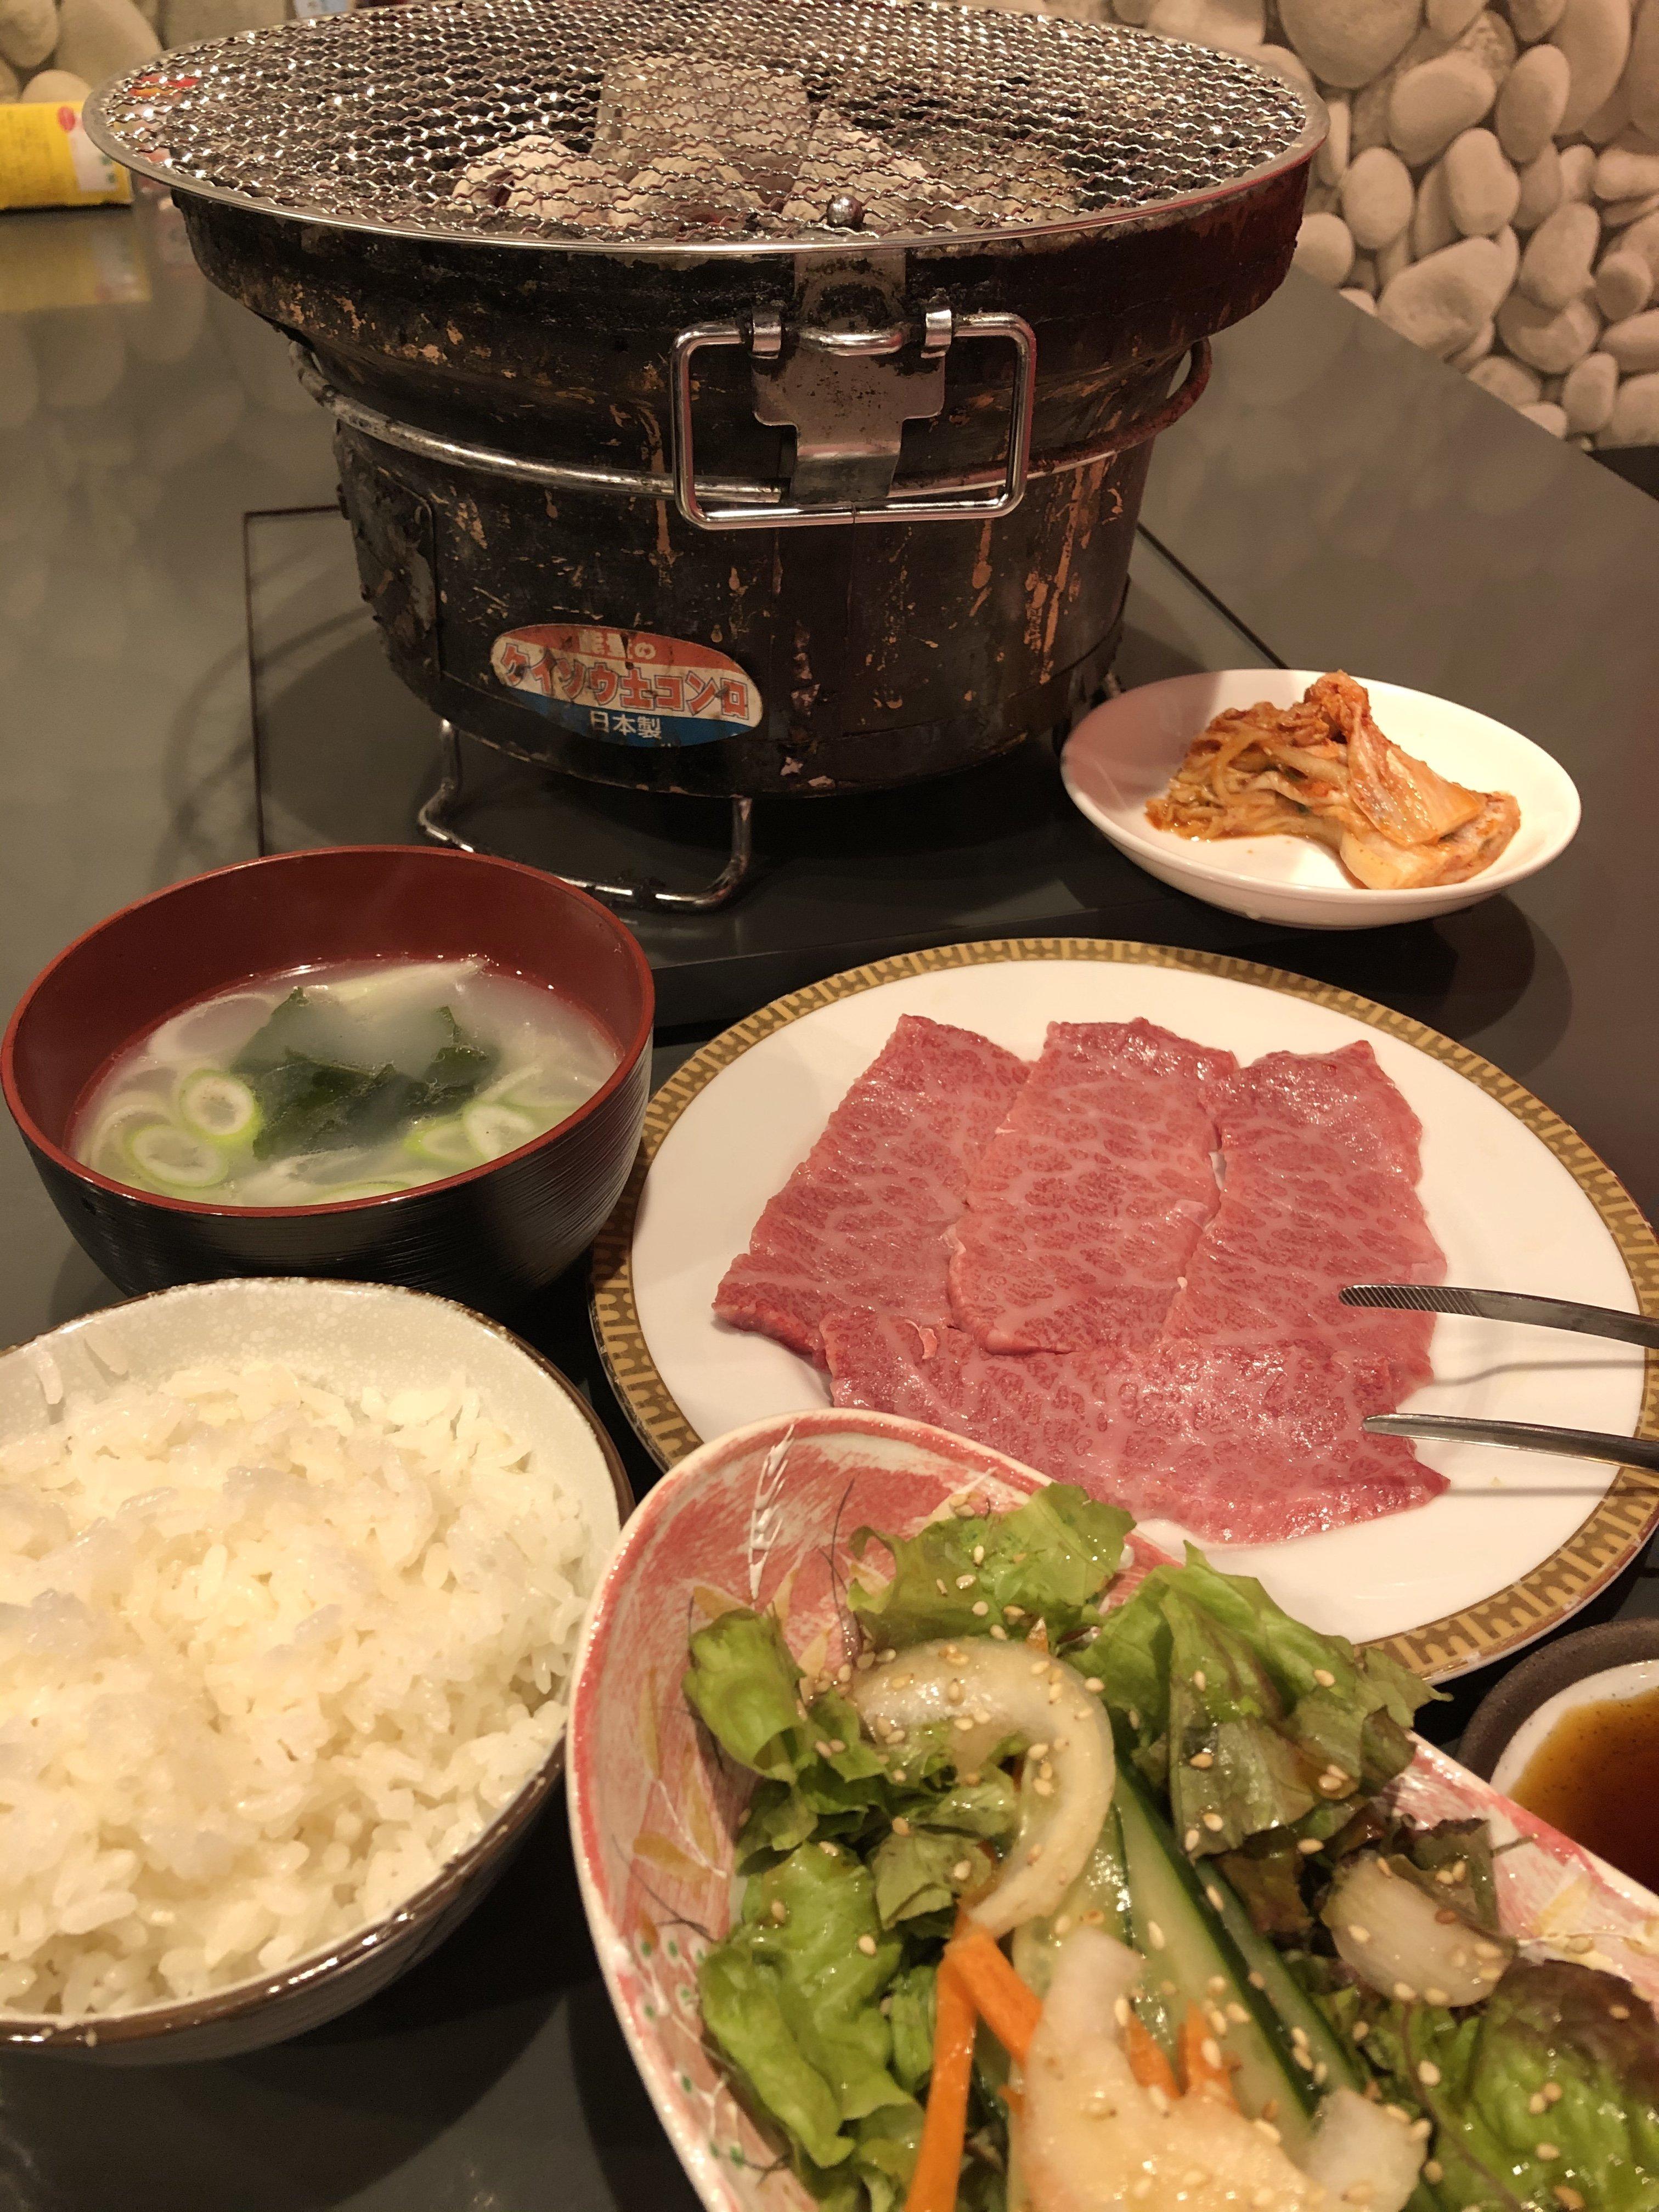 めい人気No.1ランチセット「和牛焼肉ランチセット」ライス・スープ1回おかわり無料!1日20食のイメージその1